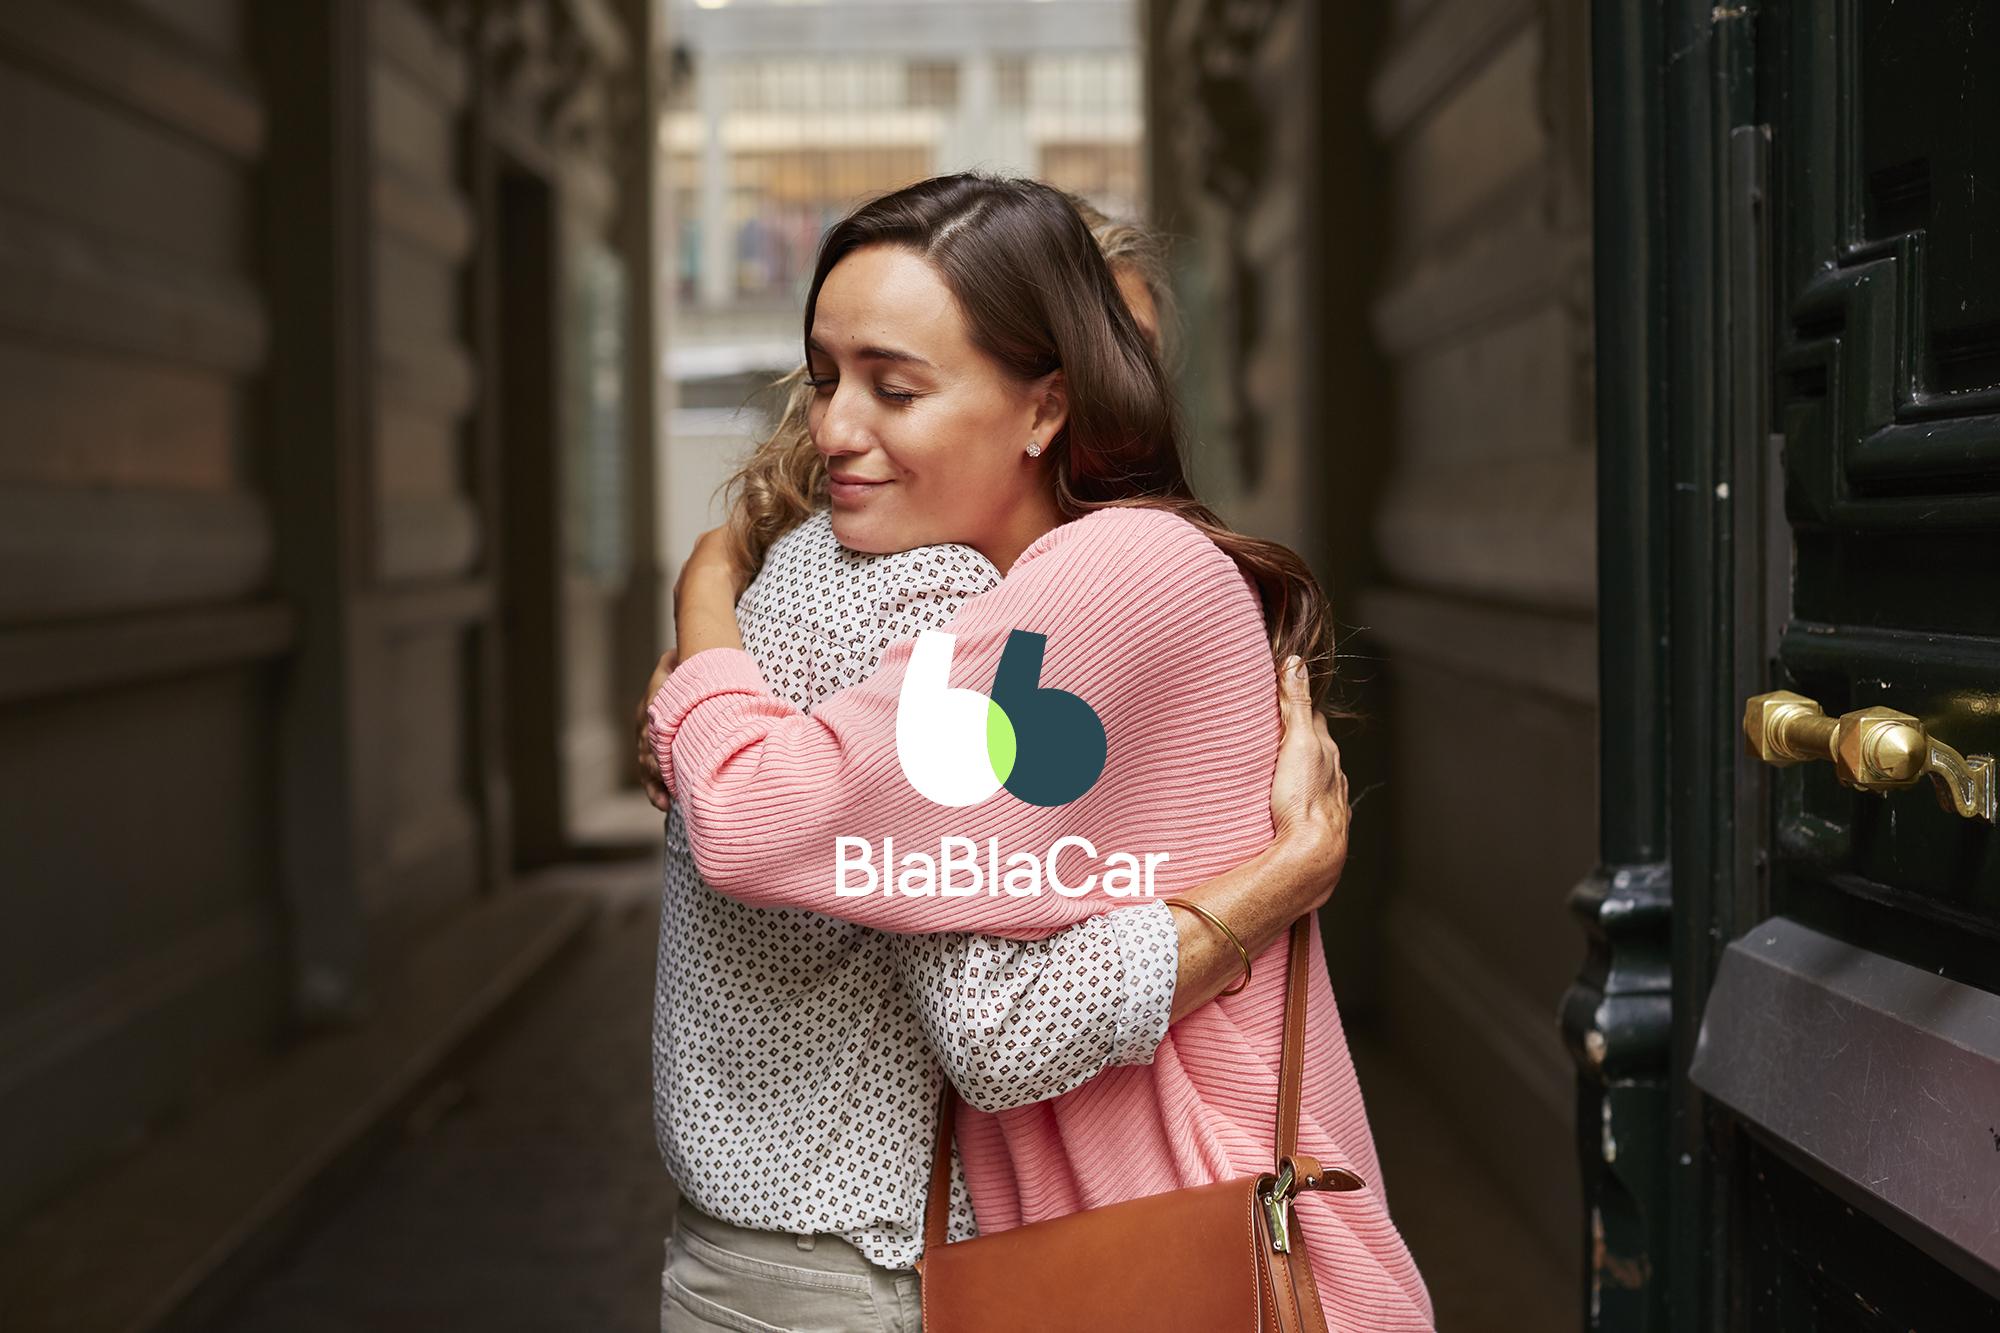 BlaBlaCar dévoile son nouveau moteur de recherche et change d'identité visuelle